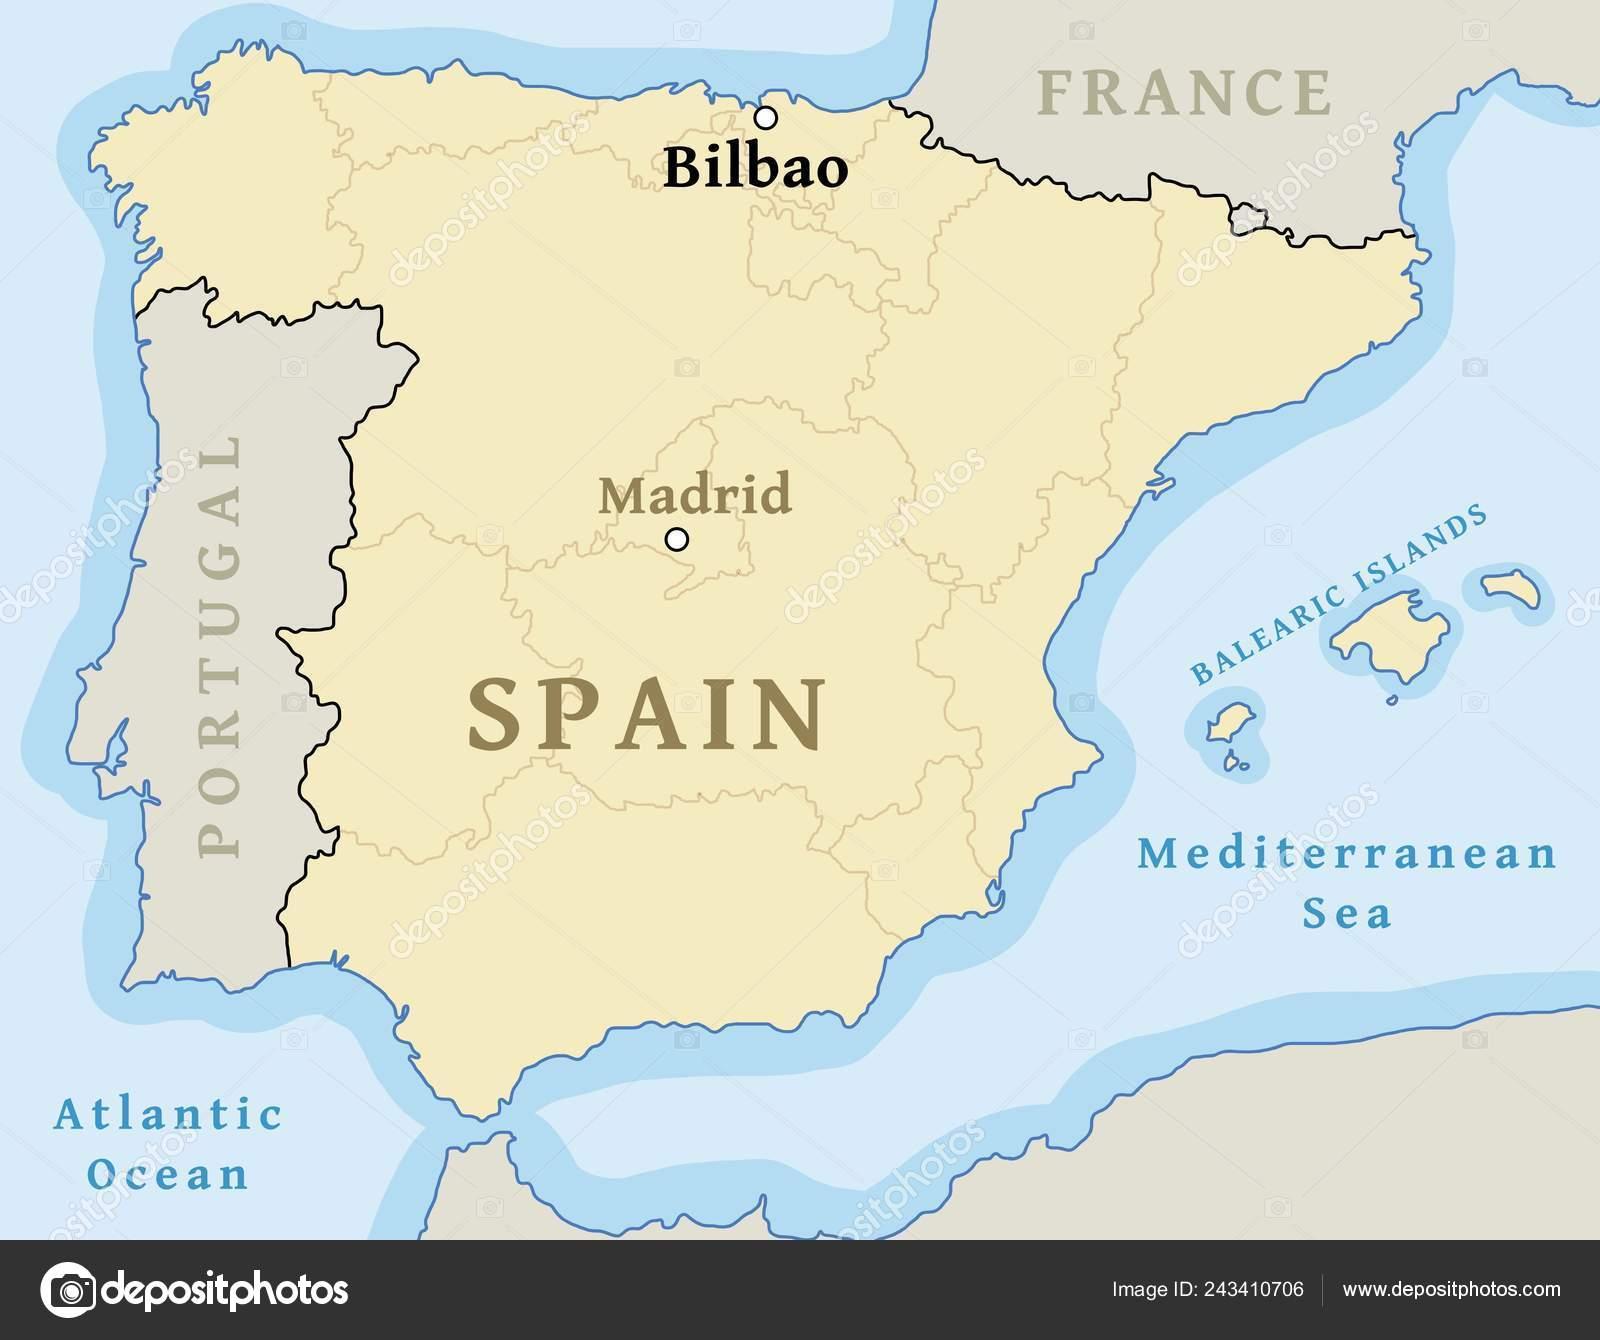 Mapa De Bilbao España.Ubicacion Mapa Bilbao Ciudad Mapa Espana Ilustracion